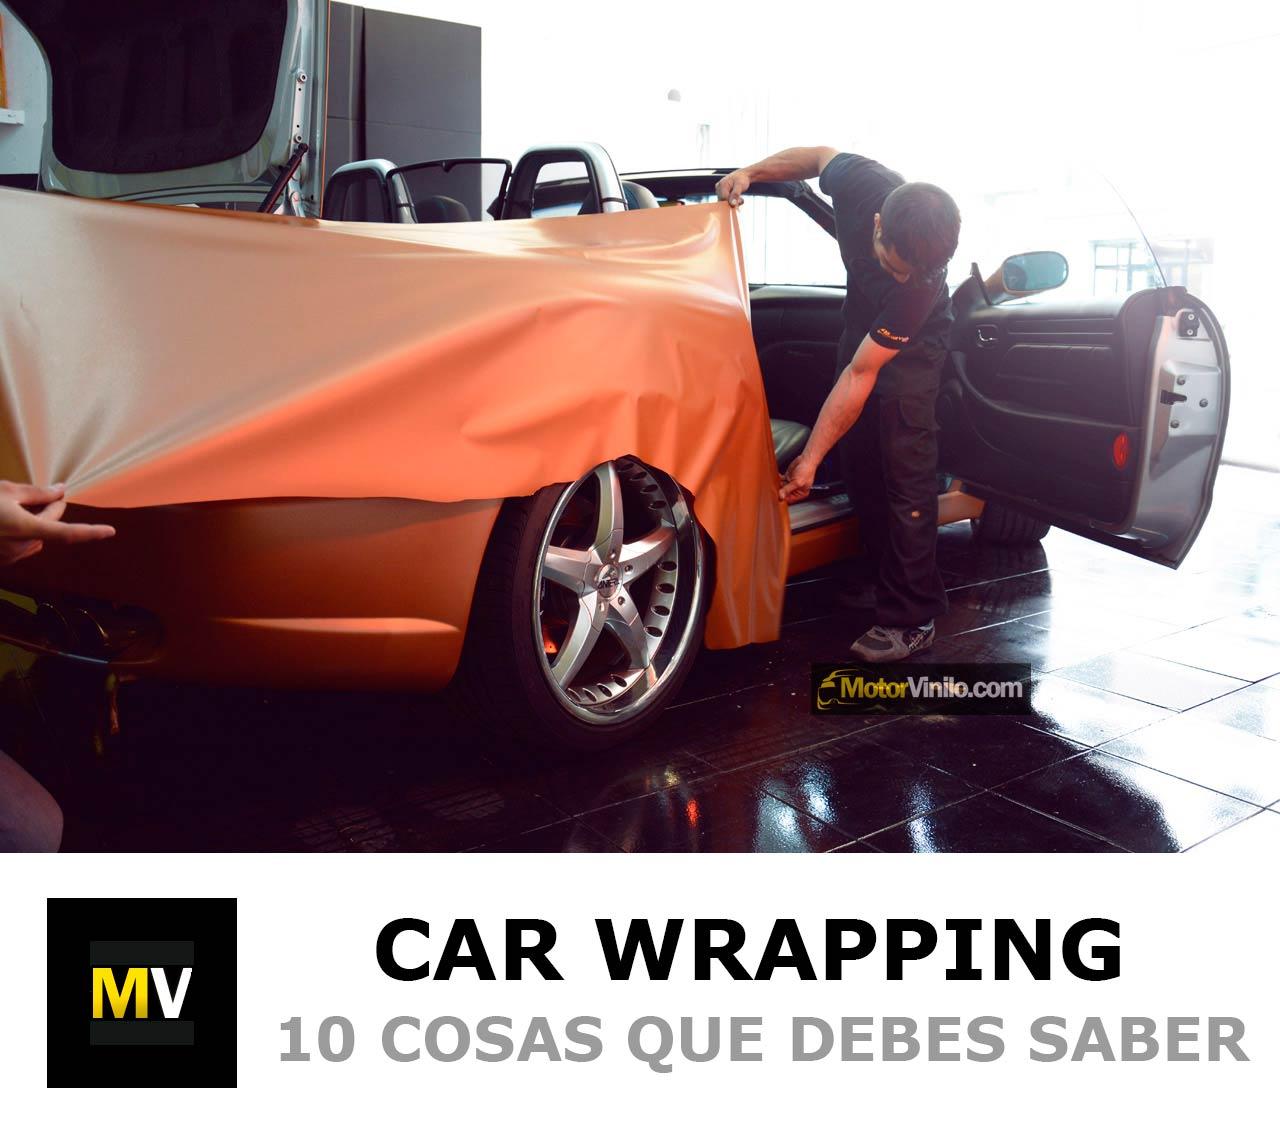 Las 10 cosas que debes saber sobre Car Wrapping  Preguntas